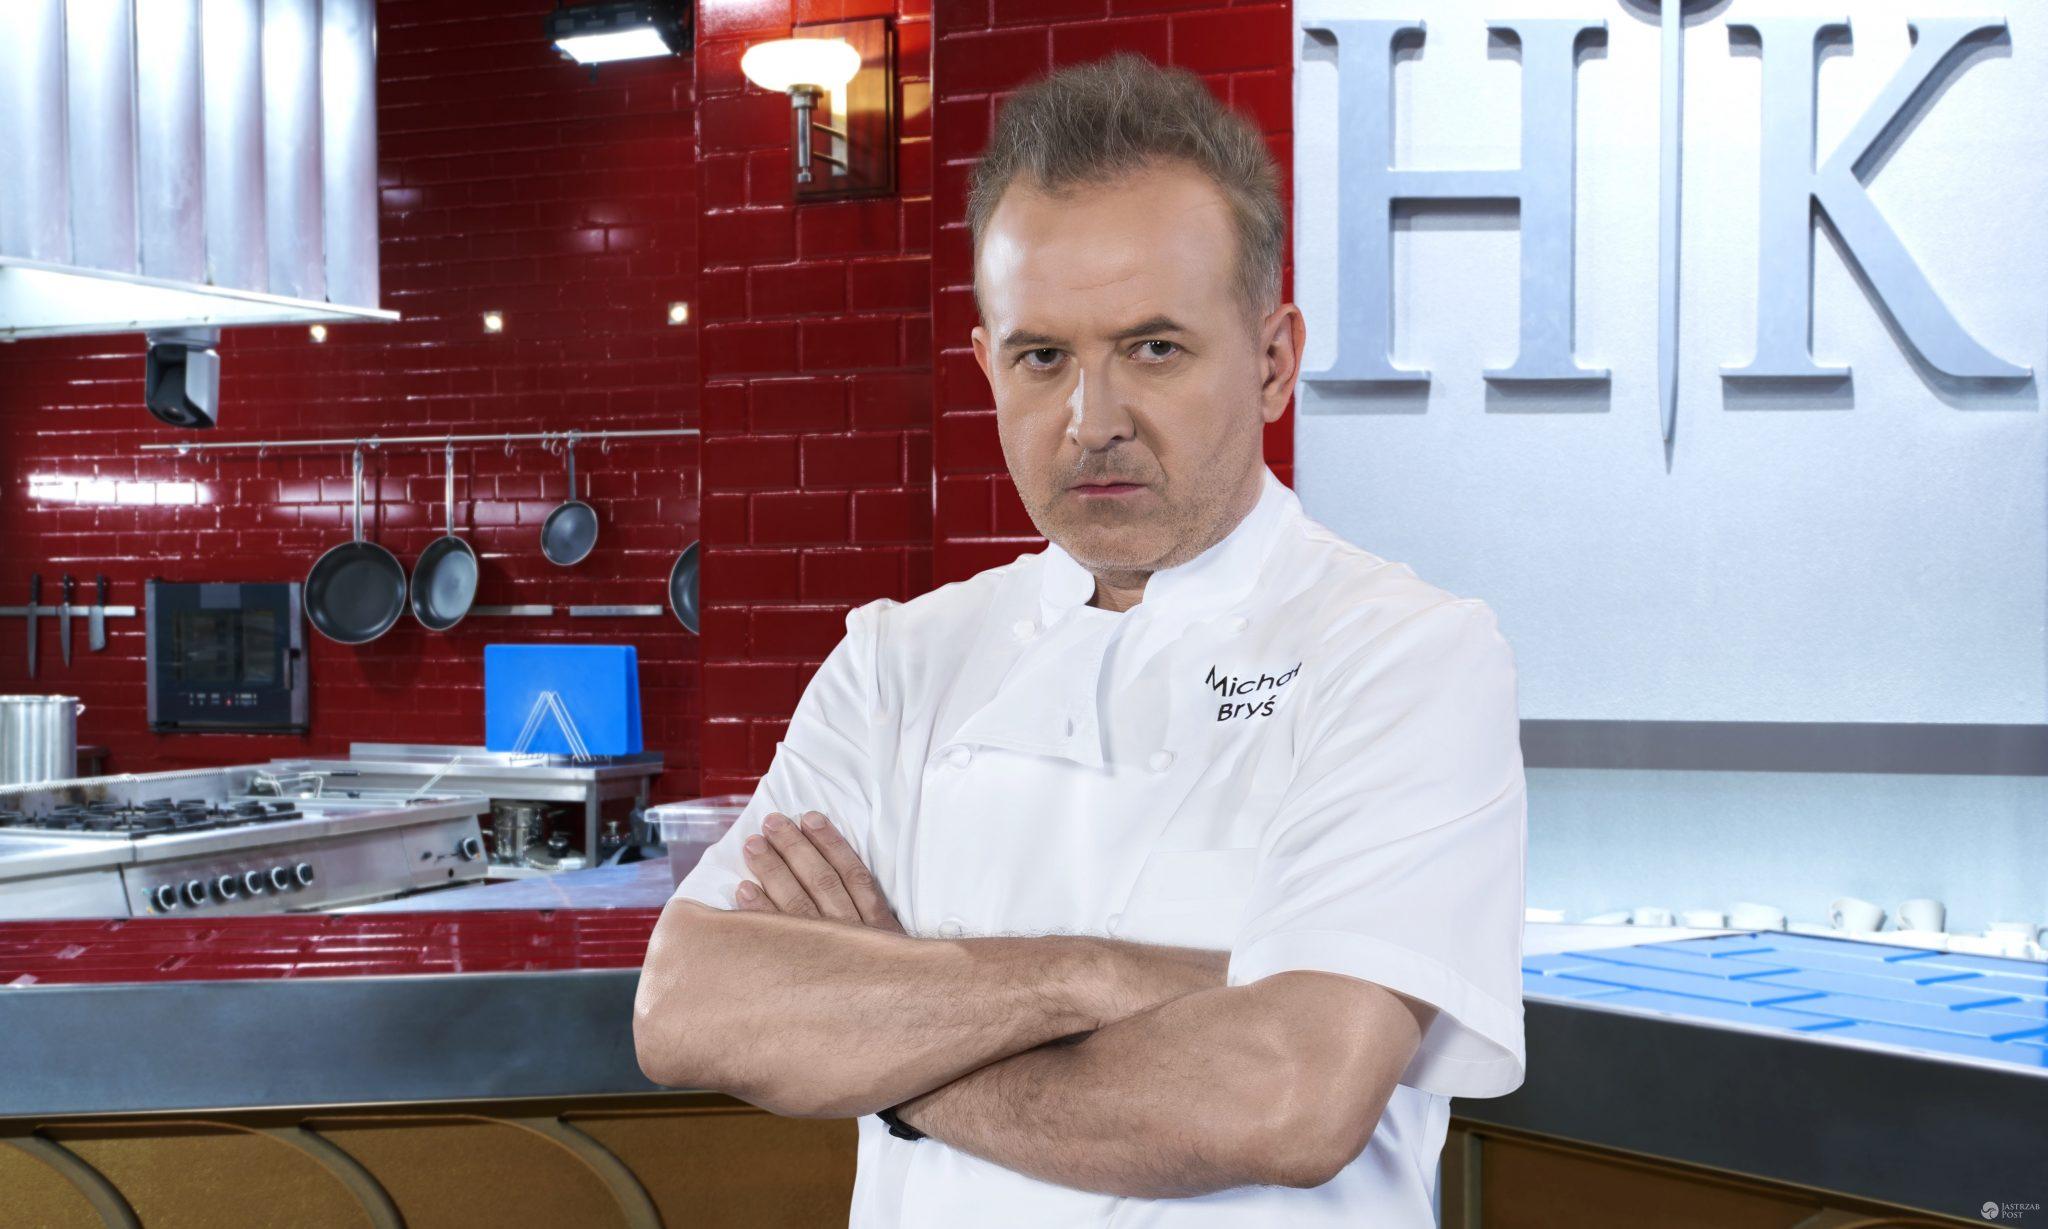 Michał Bryś poprowadzi Hell's Kitchen 6